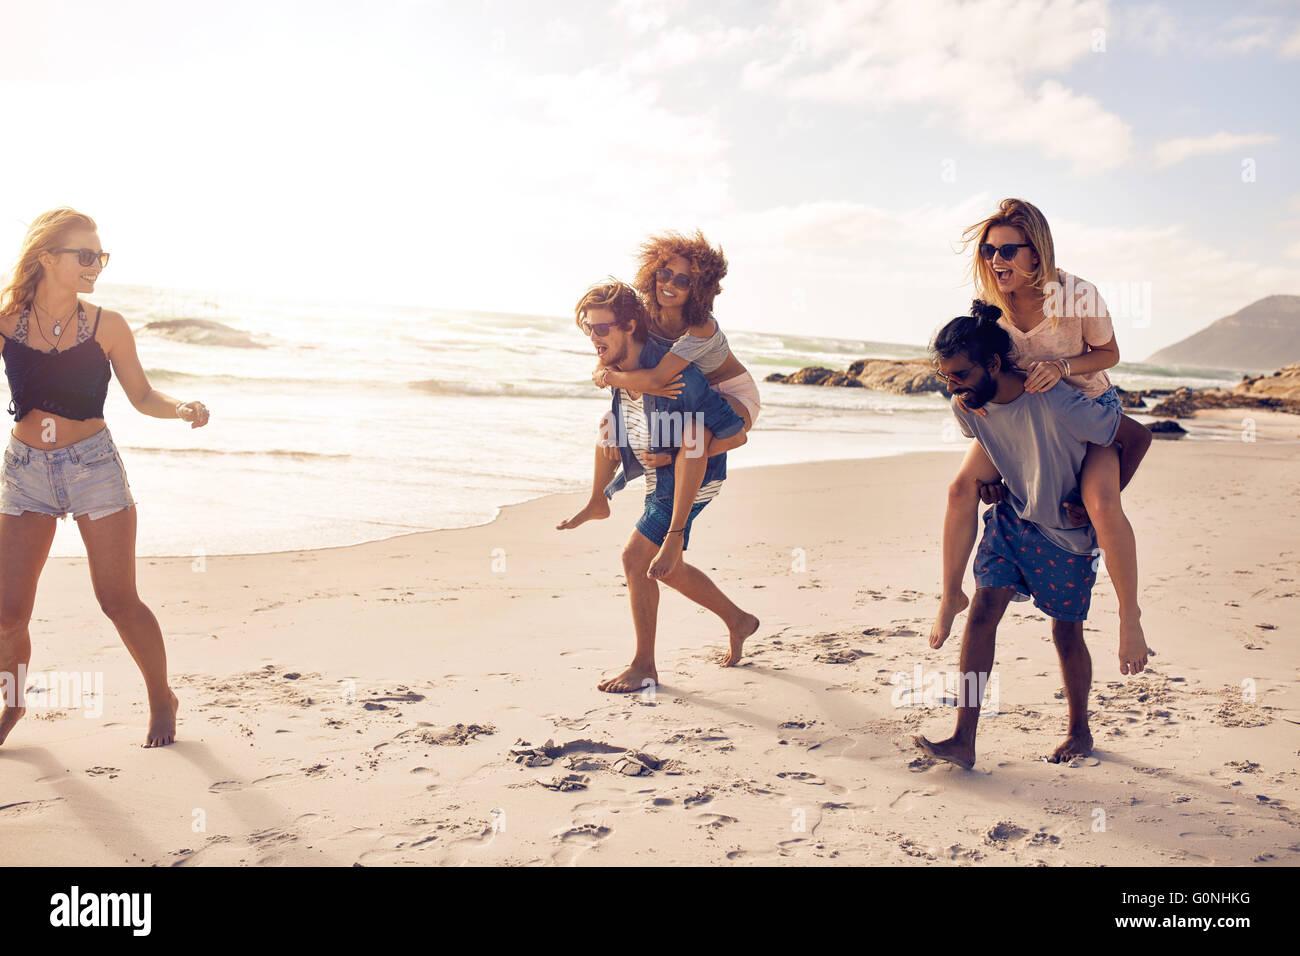 Gruppe von Freunden, die Spaß am Strandurlaub, Männer Frauen Huckepack. Stockbild